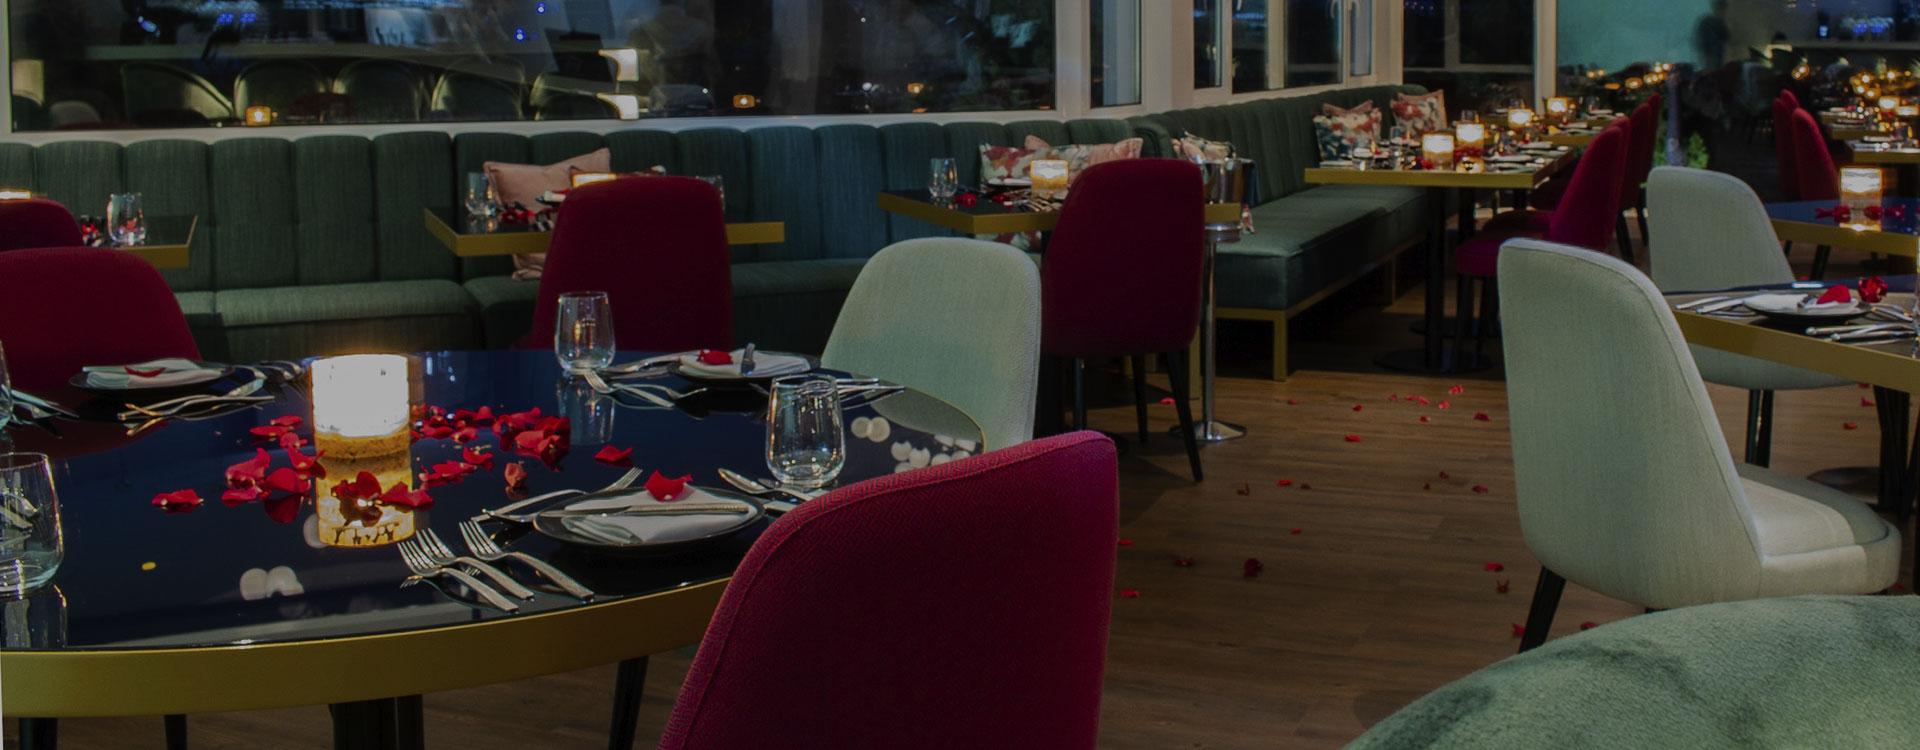 Amara_Restaurant_valentines_day